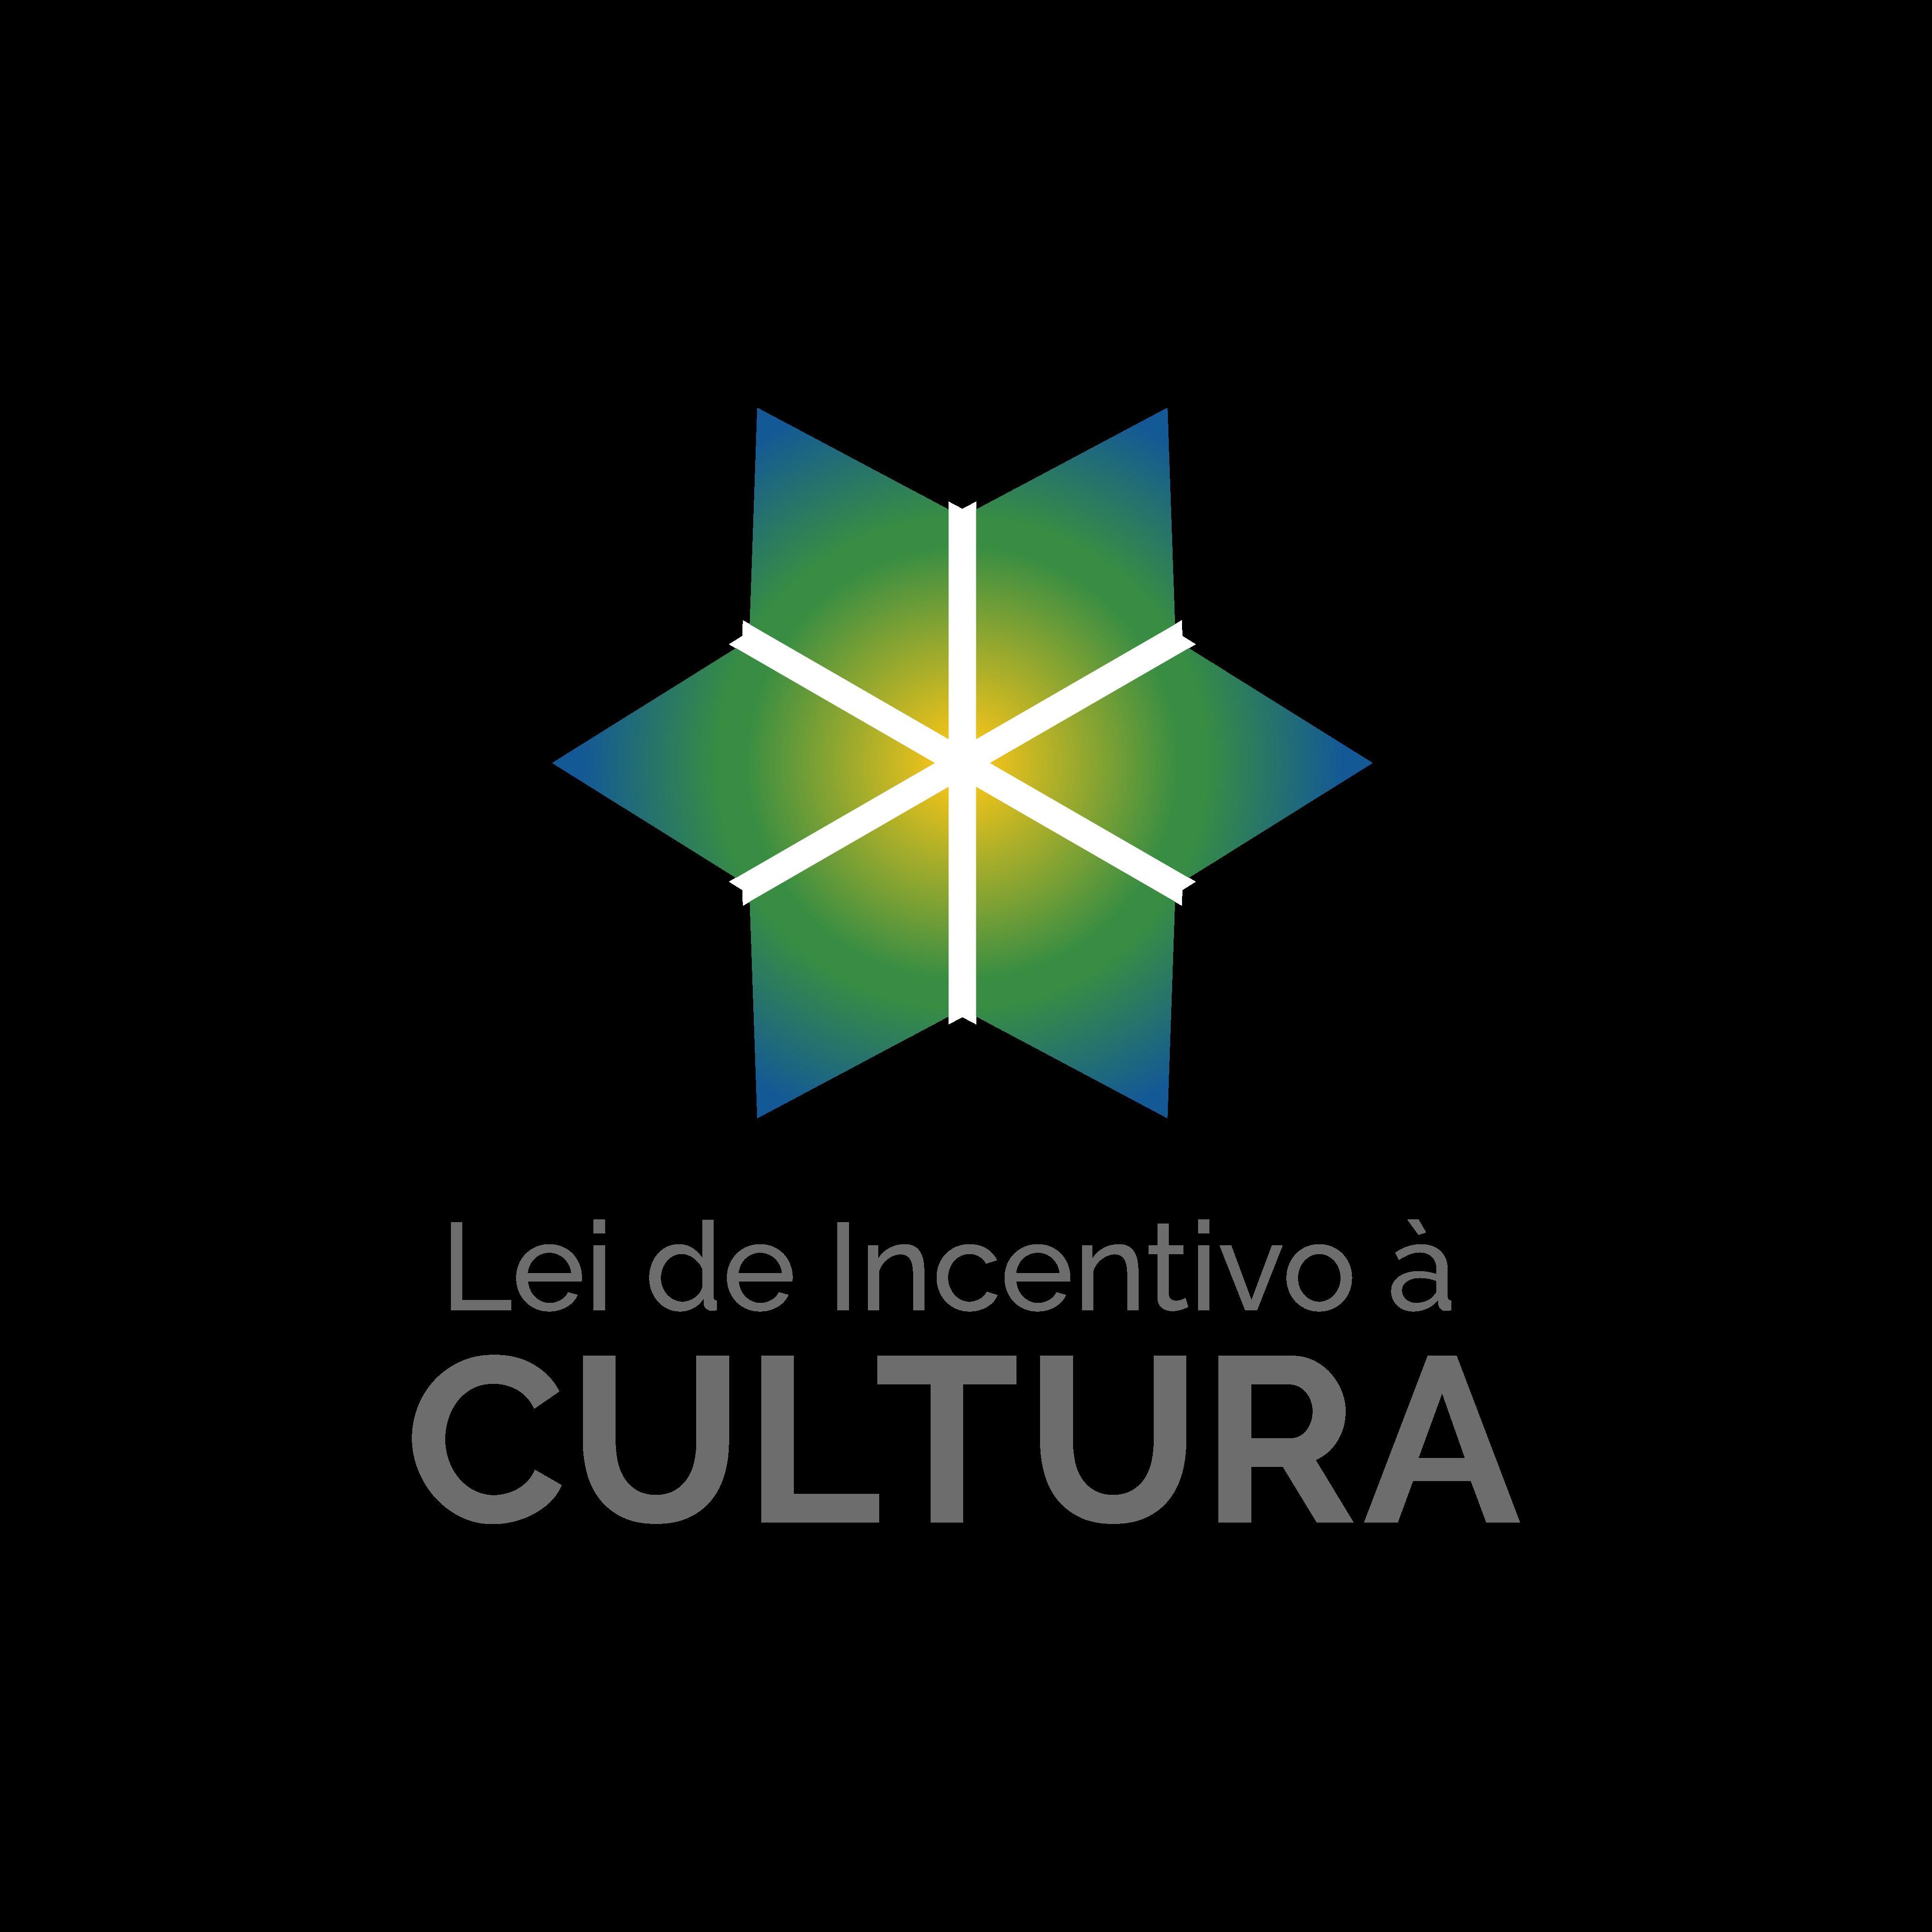 lei de incentivo a cultura logo 0 - Lei de incentivo à cultura Logo